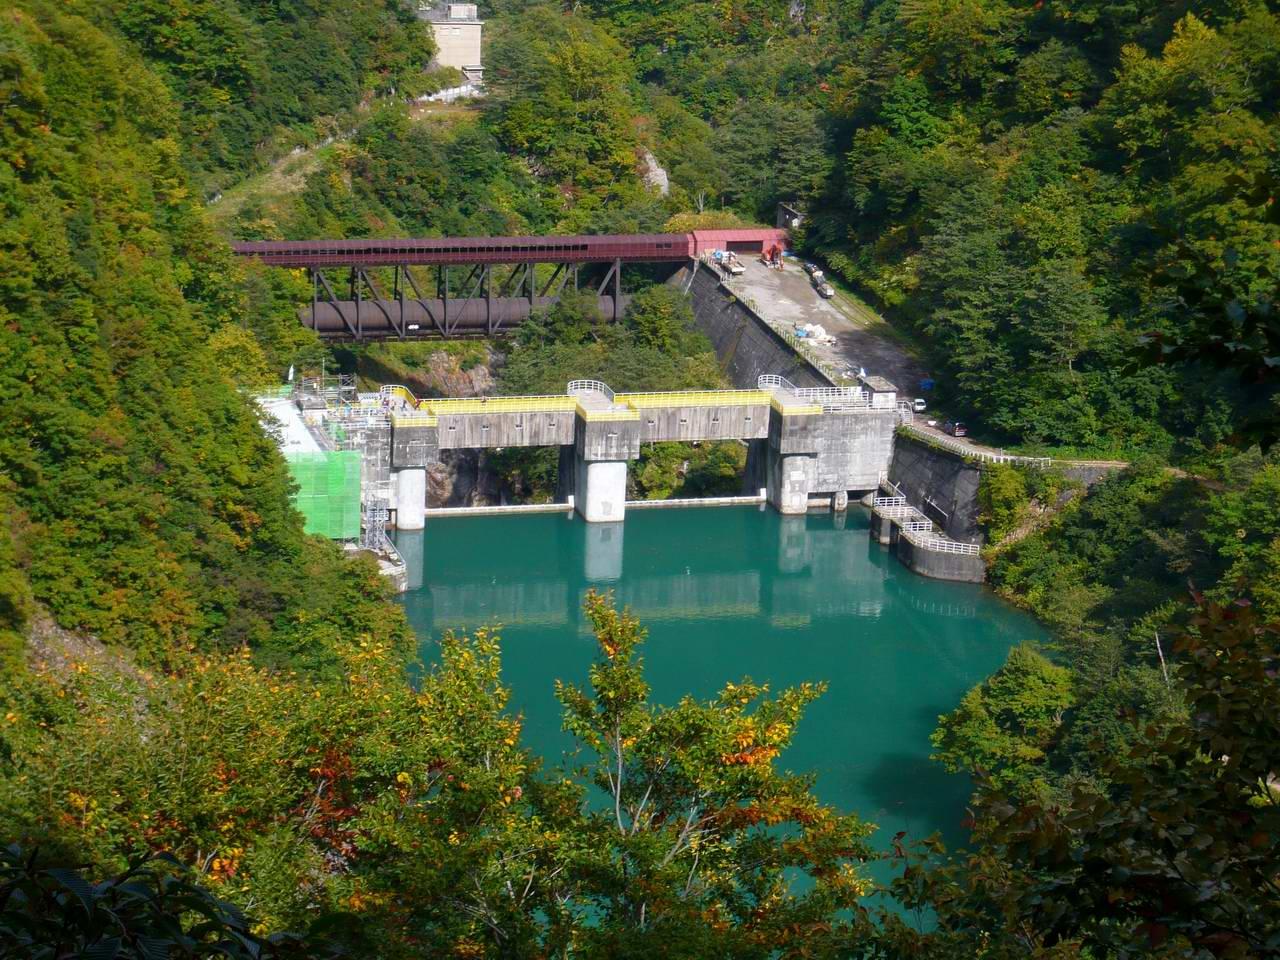 池の平・仙人池から阿曽原温泉へ (3日目)_e0110500_134197.jpg